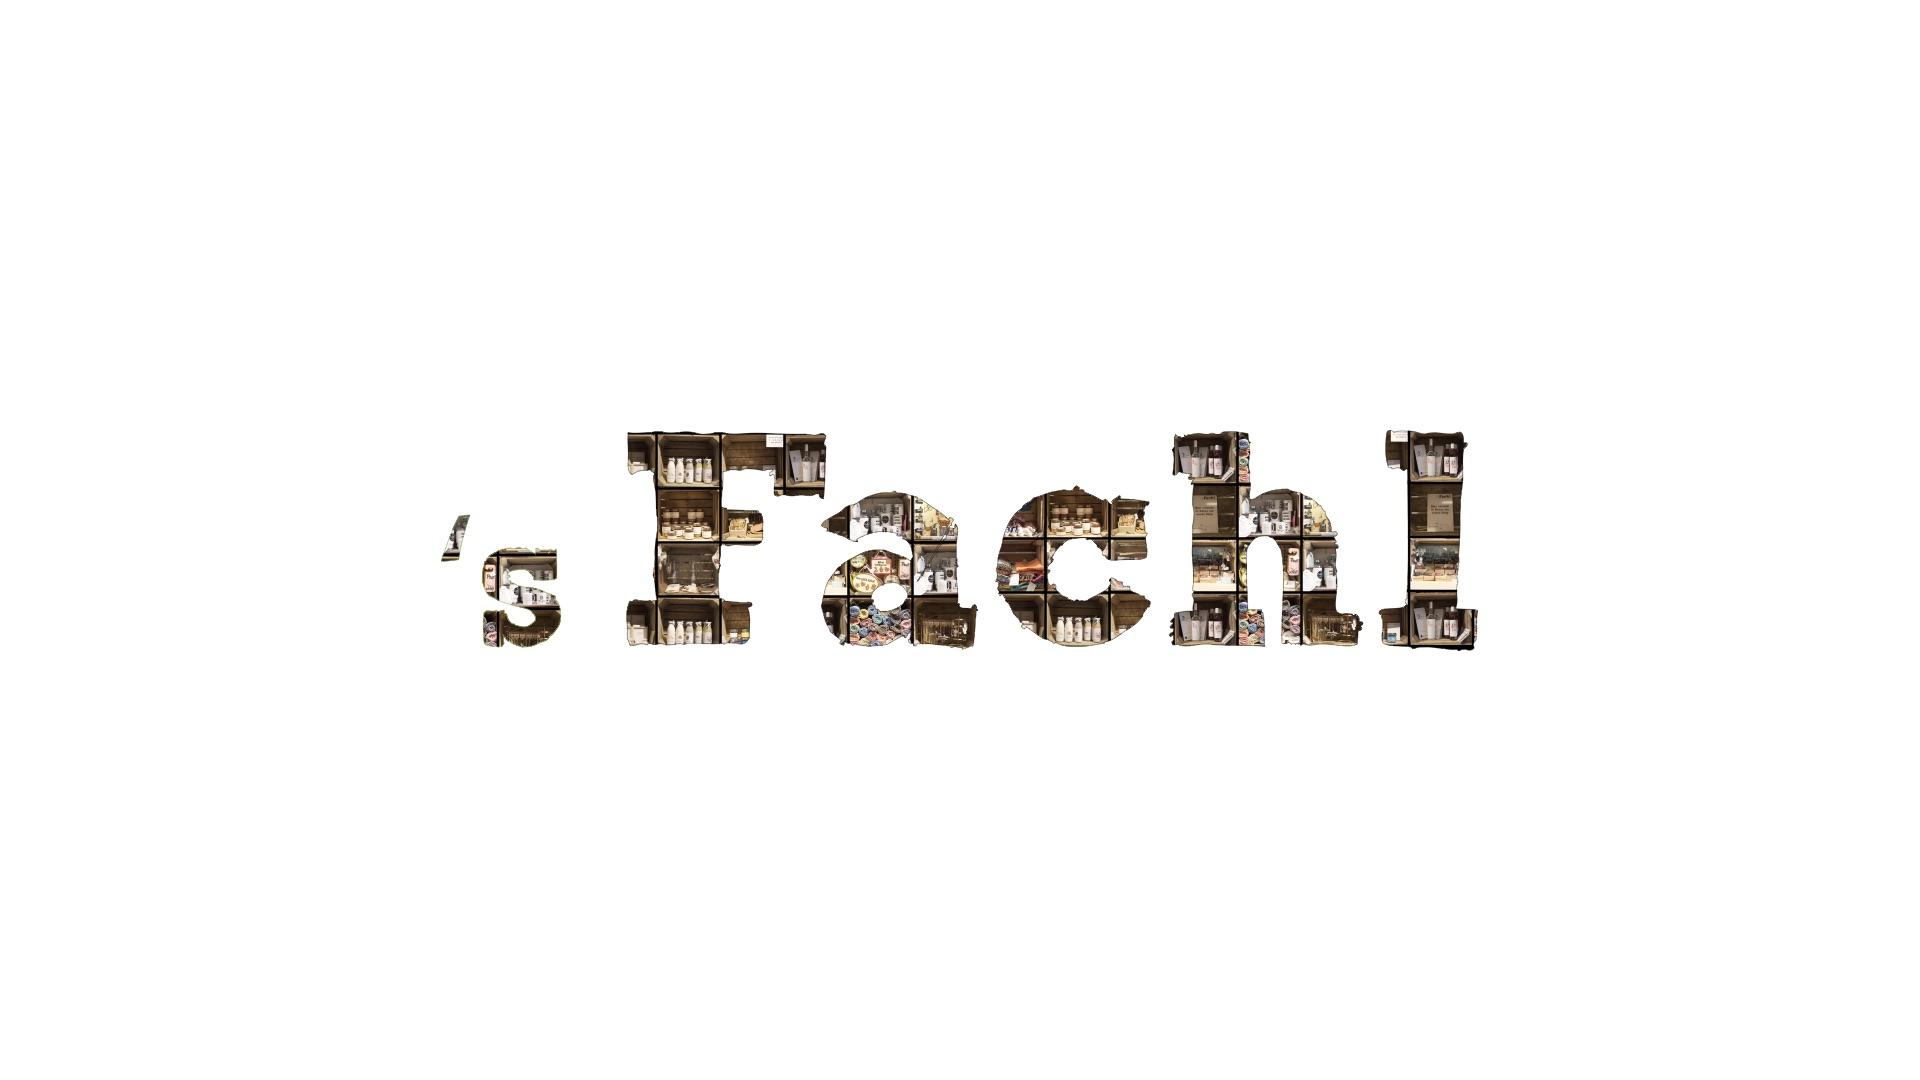 FachlKinospot385